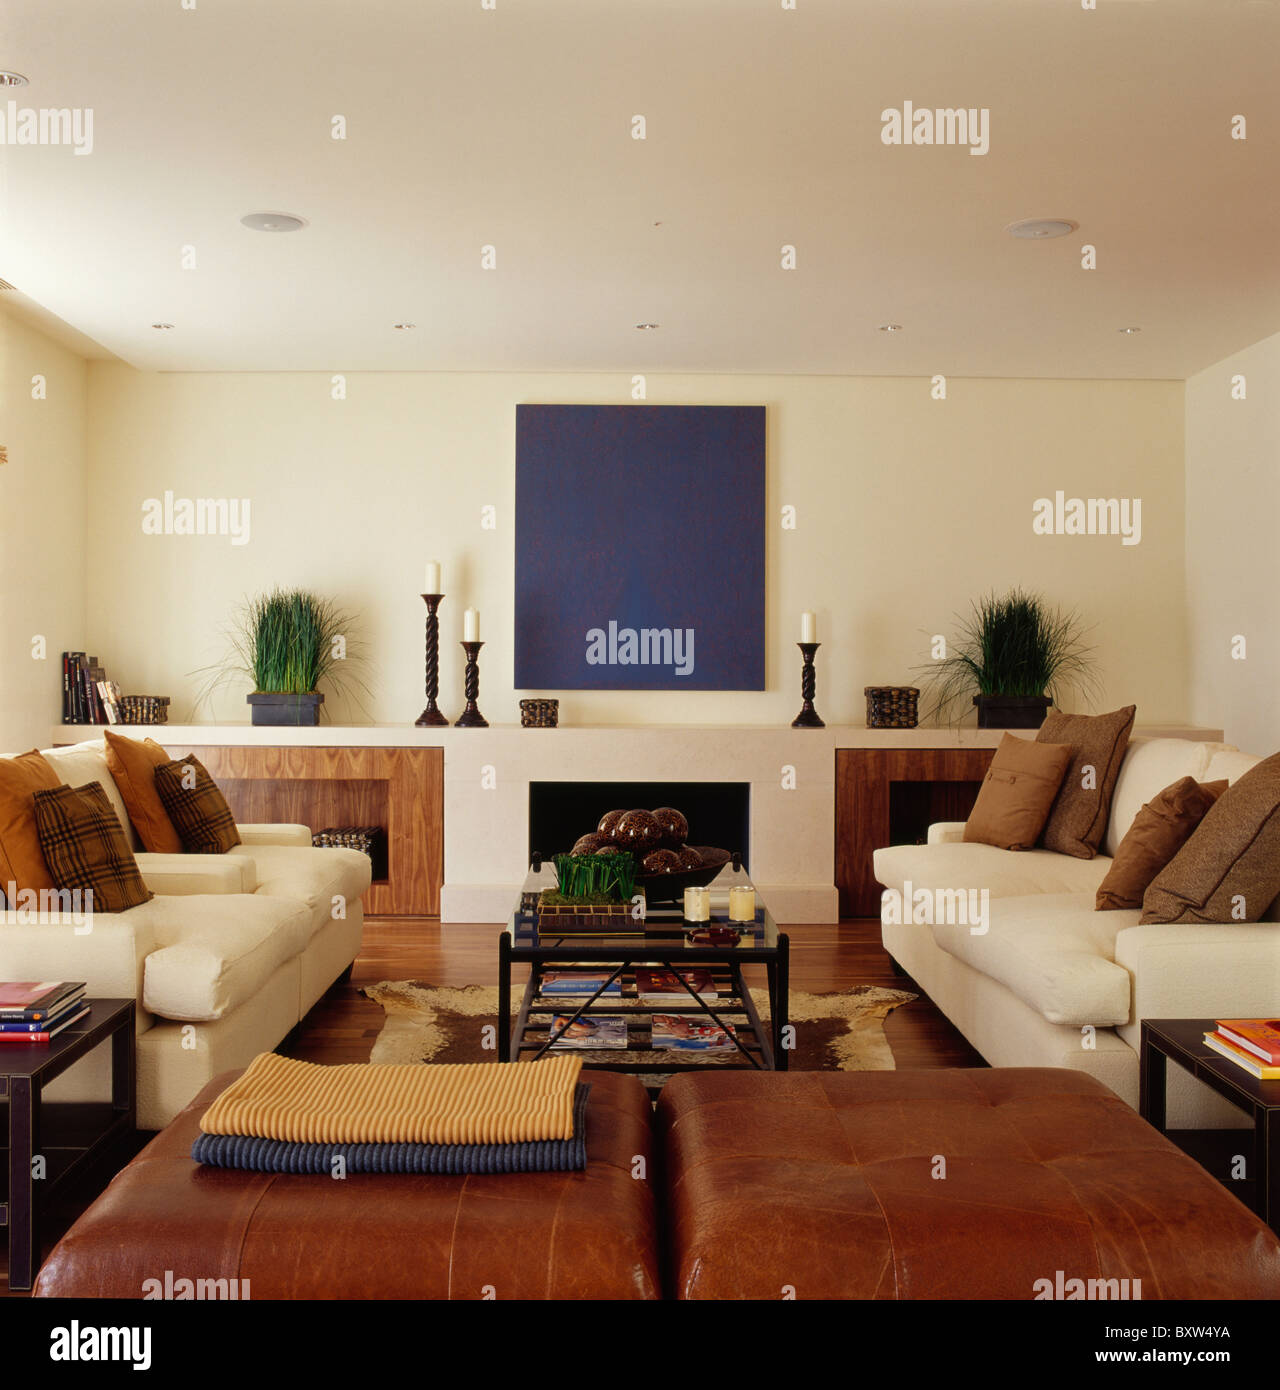 Abstrakte Gemälde An Der Wand über Dem Kamin Im Modernen Creme Wohnzimmer  Mit Braunem Leder Hocker Und Cremefarbenen Sofas